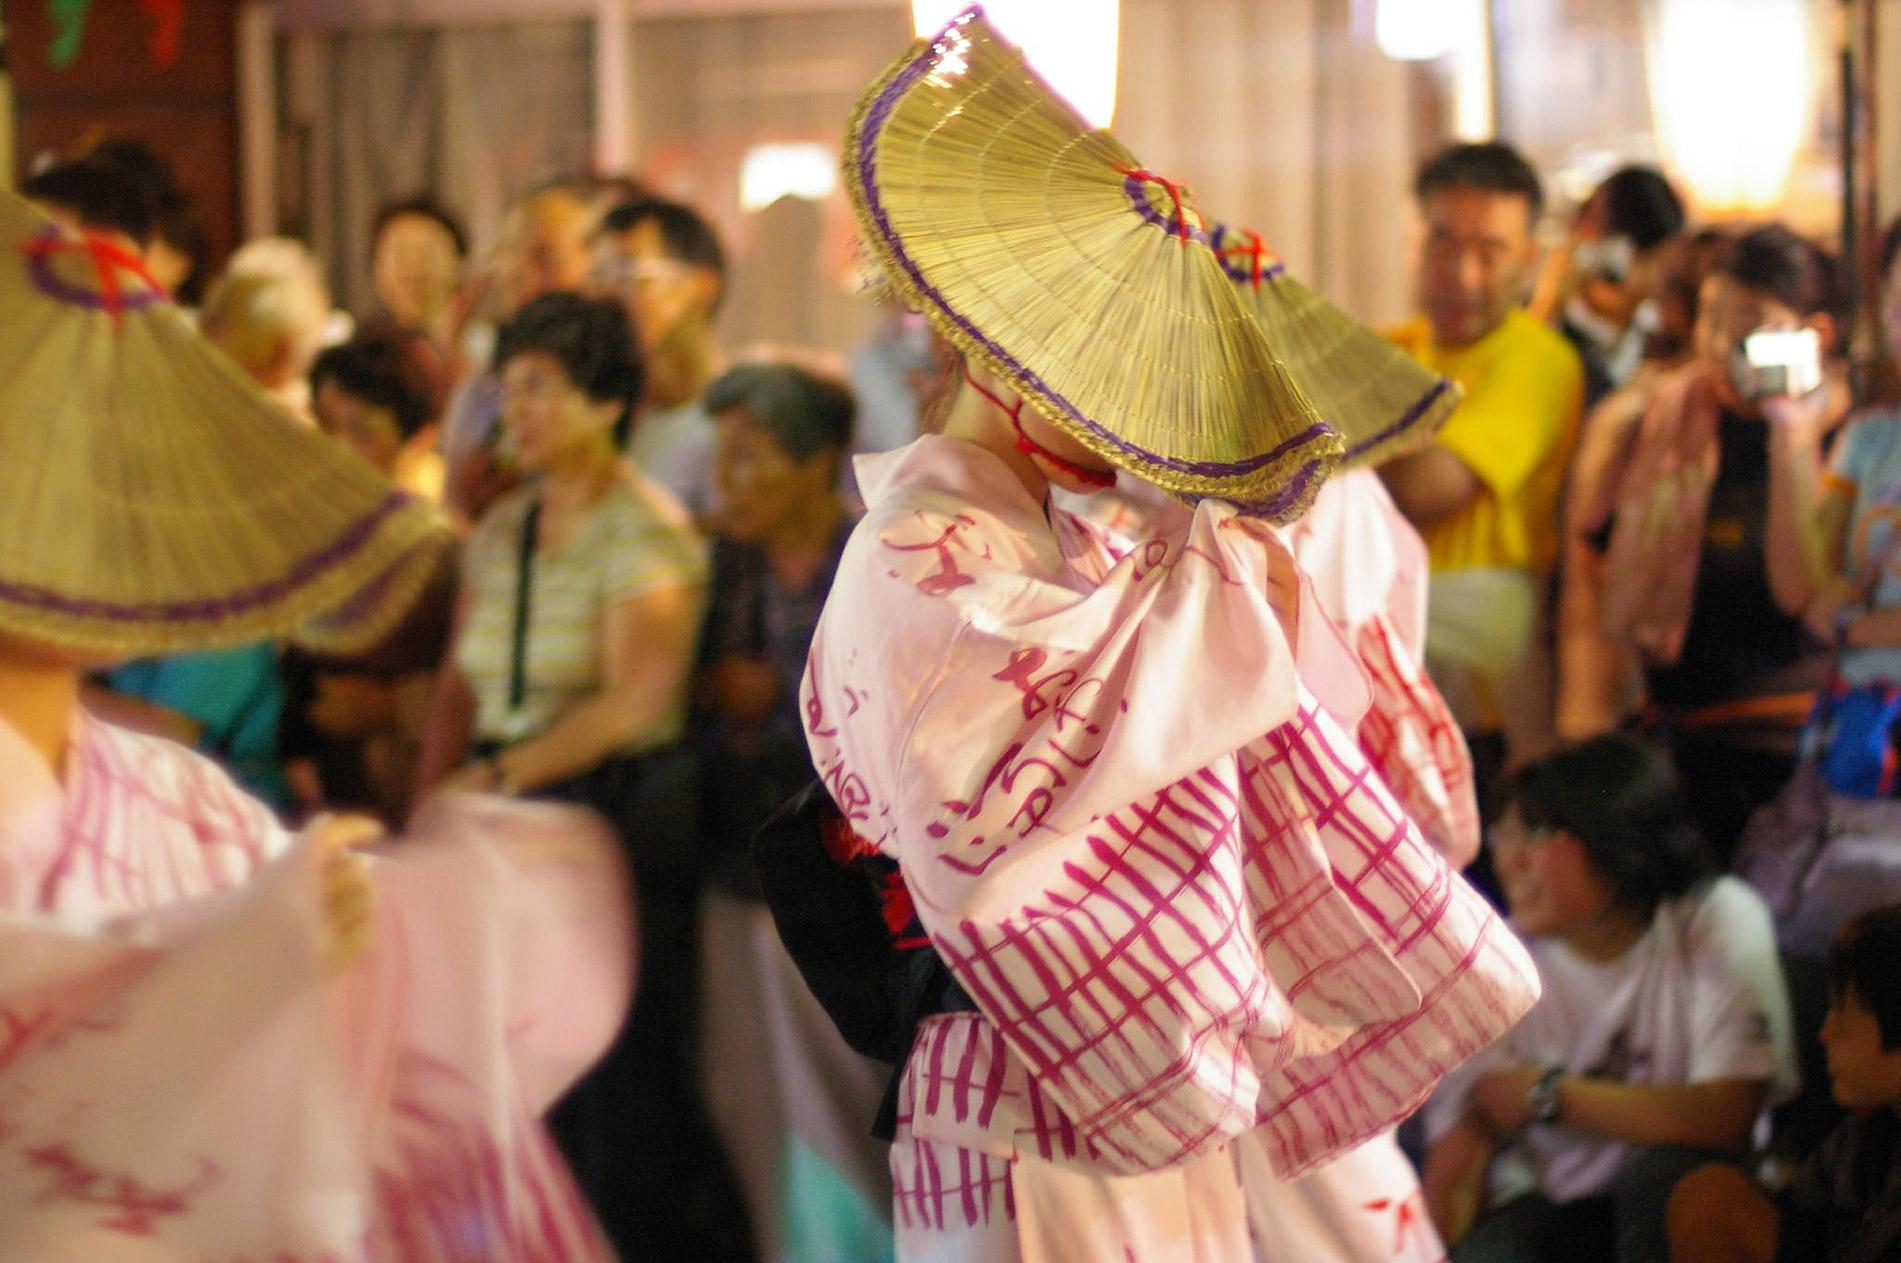 Prachtvolle Kimonos, riesige Strohhüte – mit synchronen Tanzbewegungen wird beim Owara-Kaze-no-Bon Fest um den Schutz vor Naturkatastrophen gebeten. (Foto: tsuda auf flickr https://flic.kr/p/kLurv CC BY-SA 2.0)